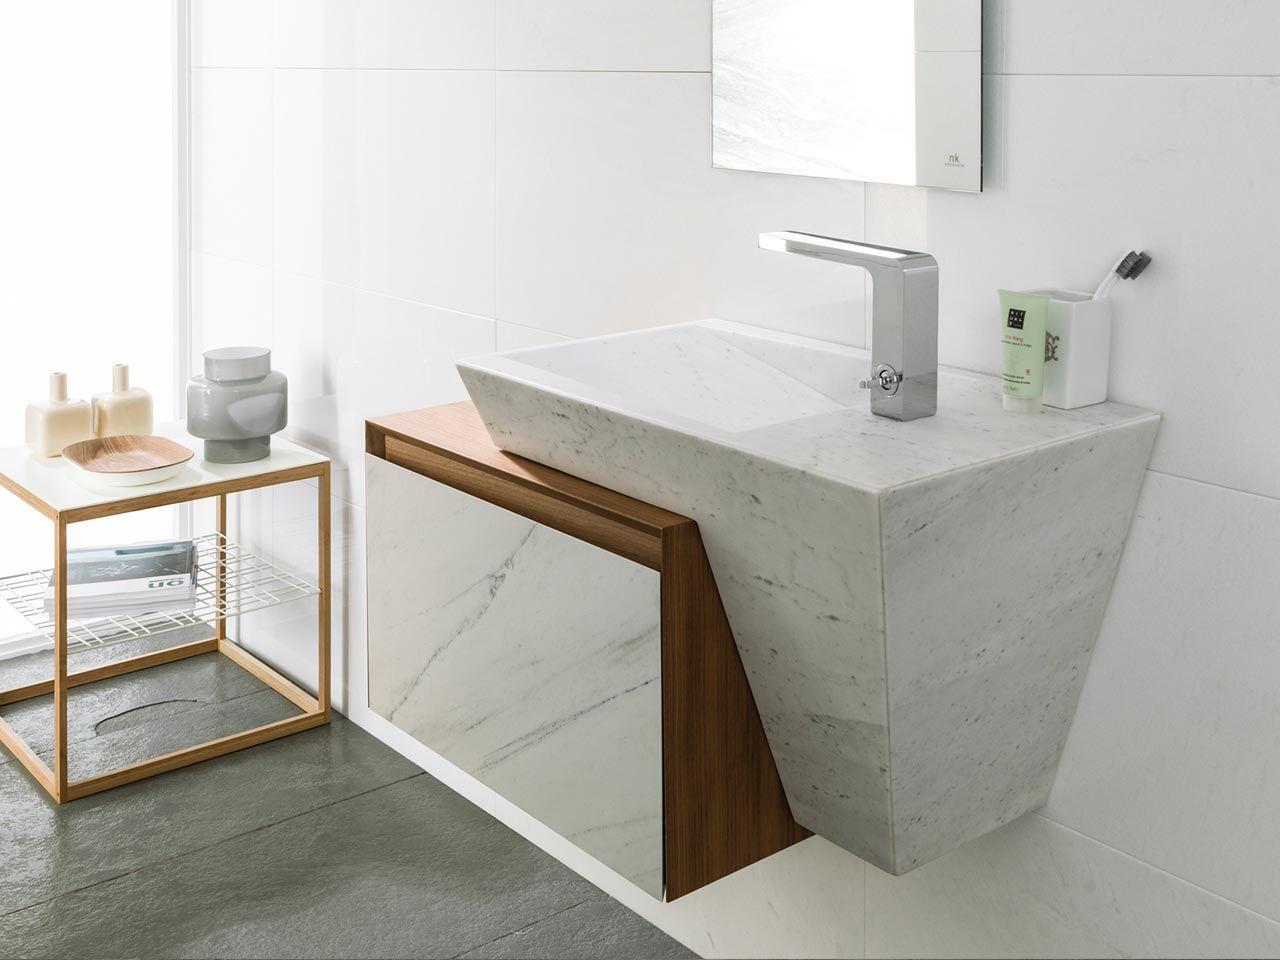 Mobiliario Bano Mobilier Salle De Bain Petite Salle De Toilette Idee Salle De Bain